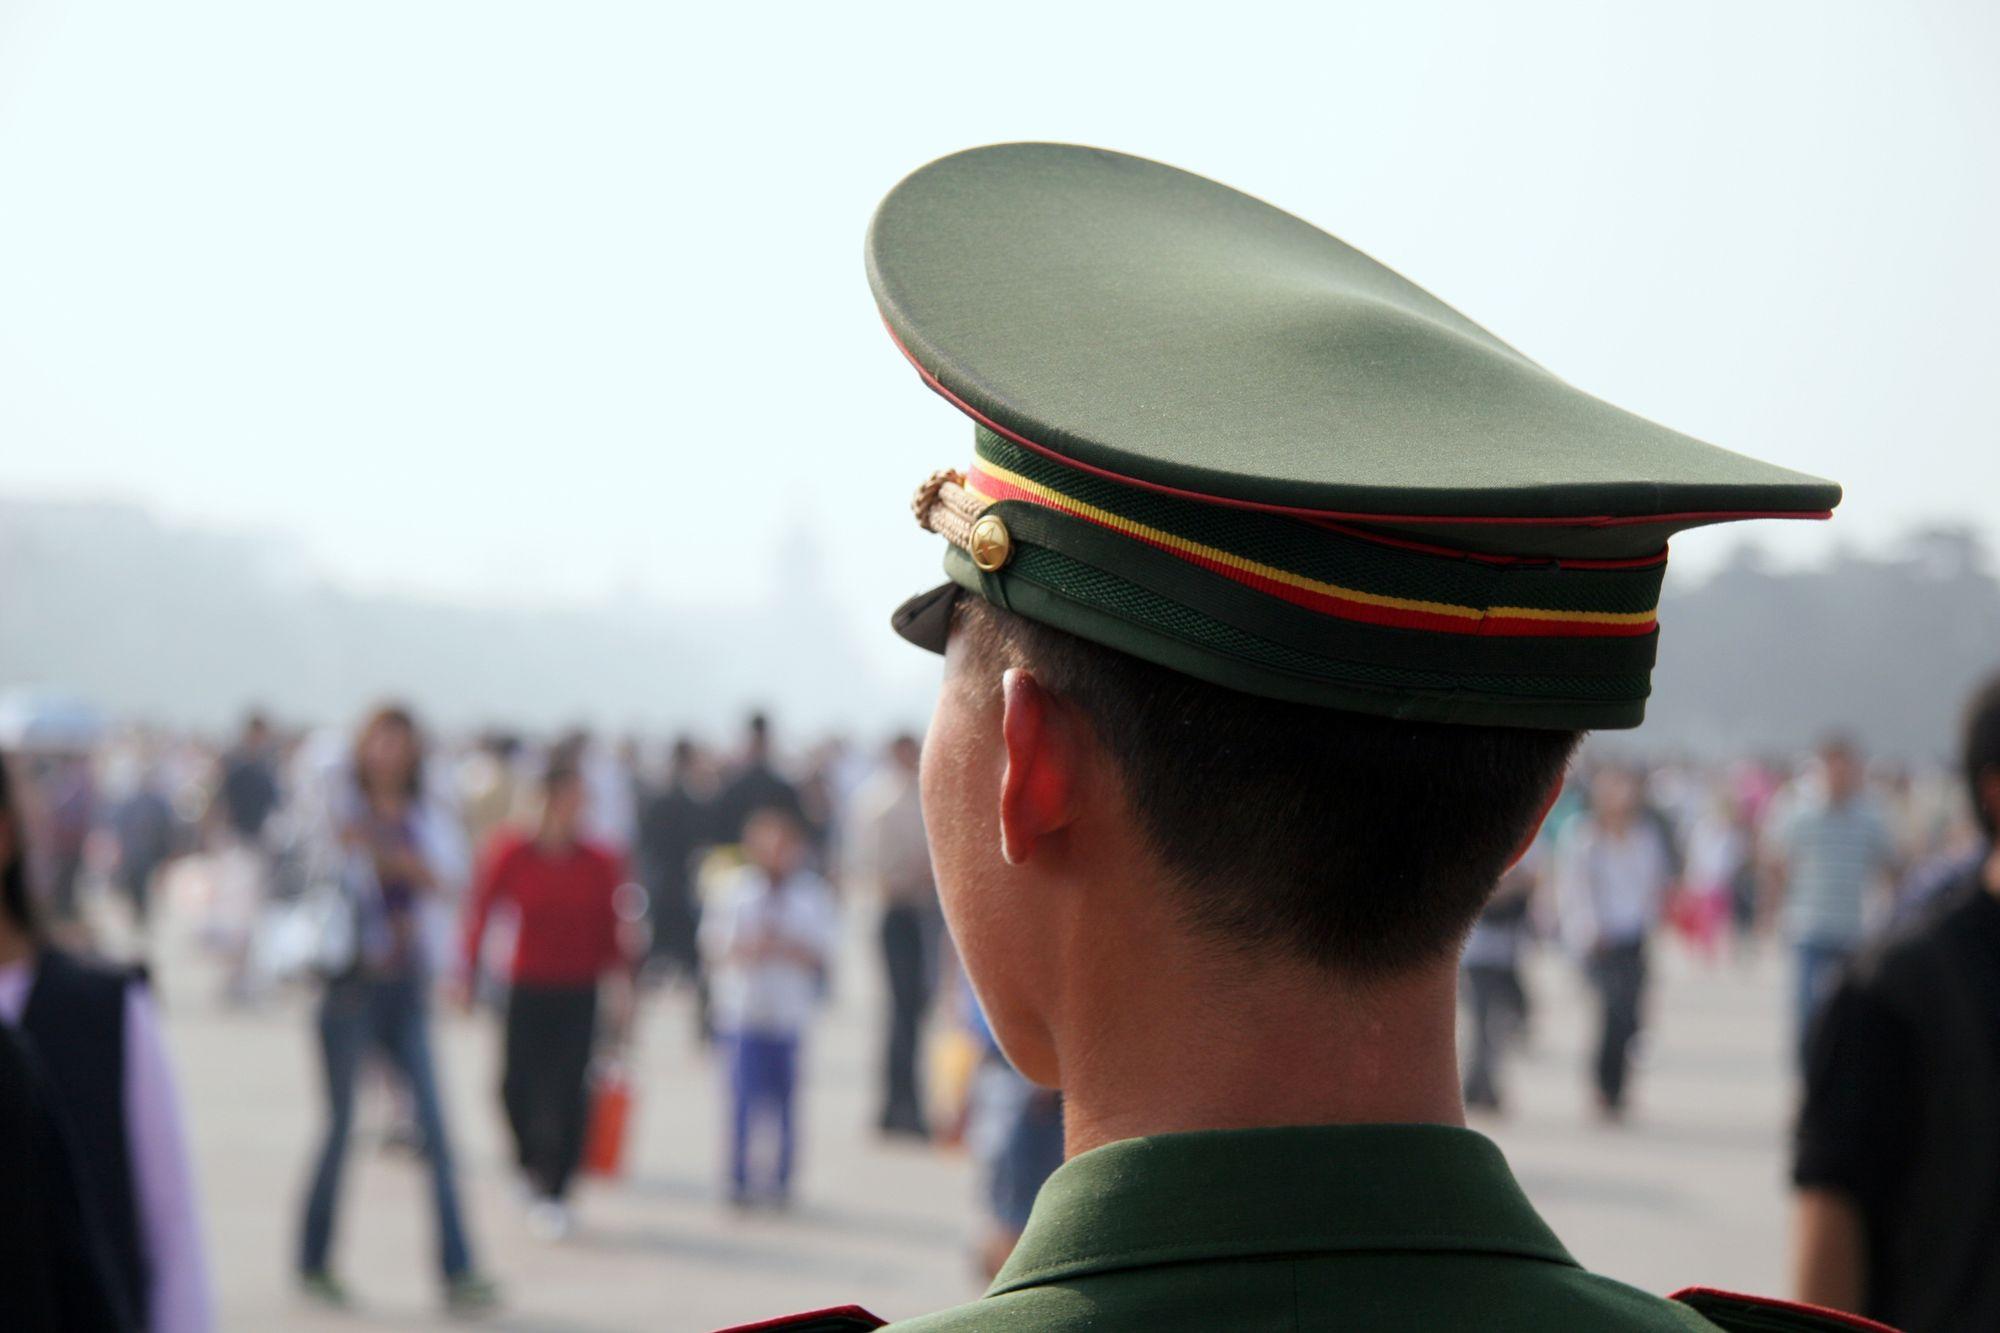 China 'clonou e utilizou' uma vulnerabilidade zero day da NSA antes dela ser vazada na internet